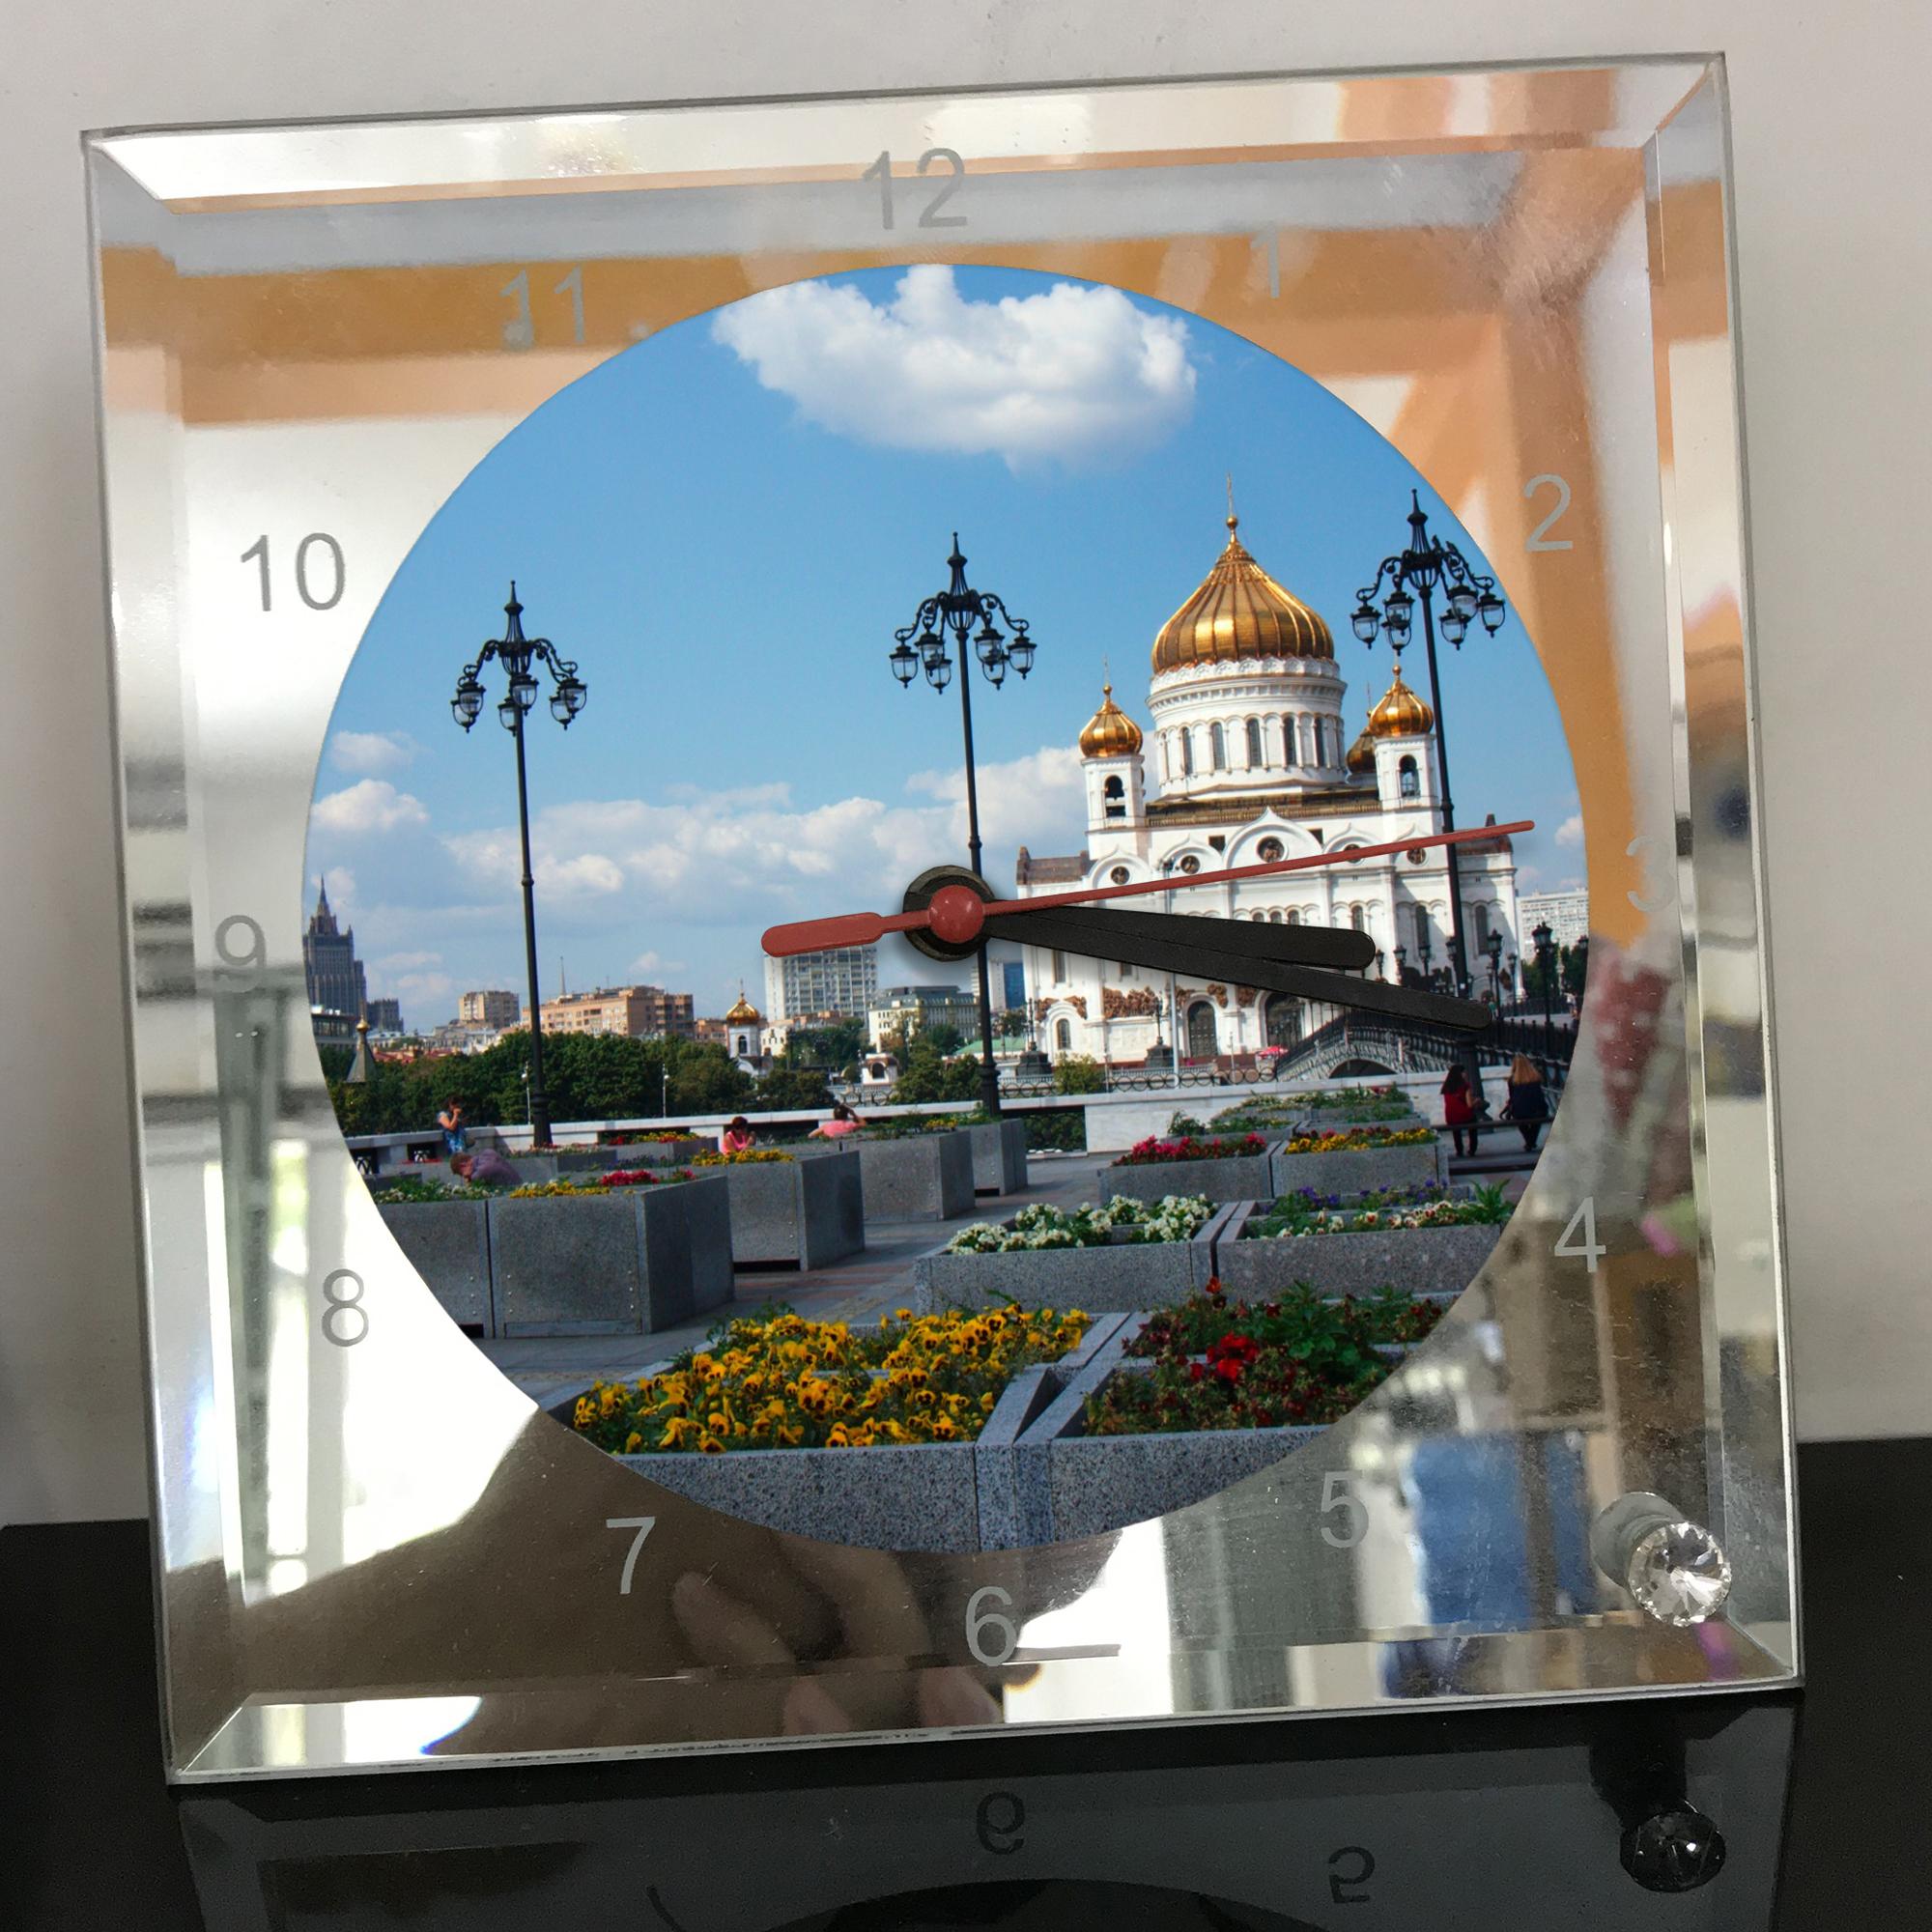 Đồng hồ thủy tinh vuông 20x20 in hình Cathedral Of Christ the saviour (38) . Đồng hồ thủy tinh để bàn trang trí đẹp chủ đề tôn giáo